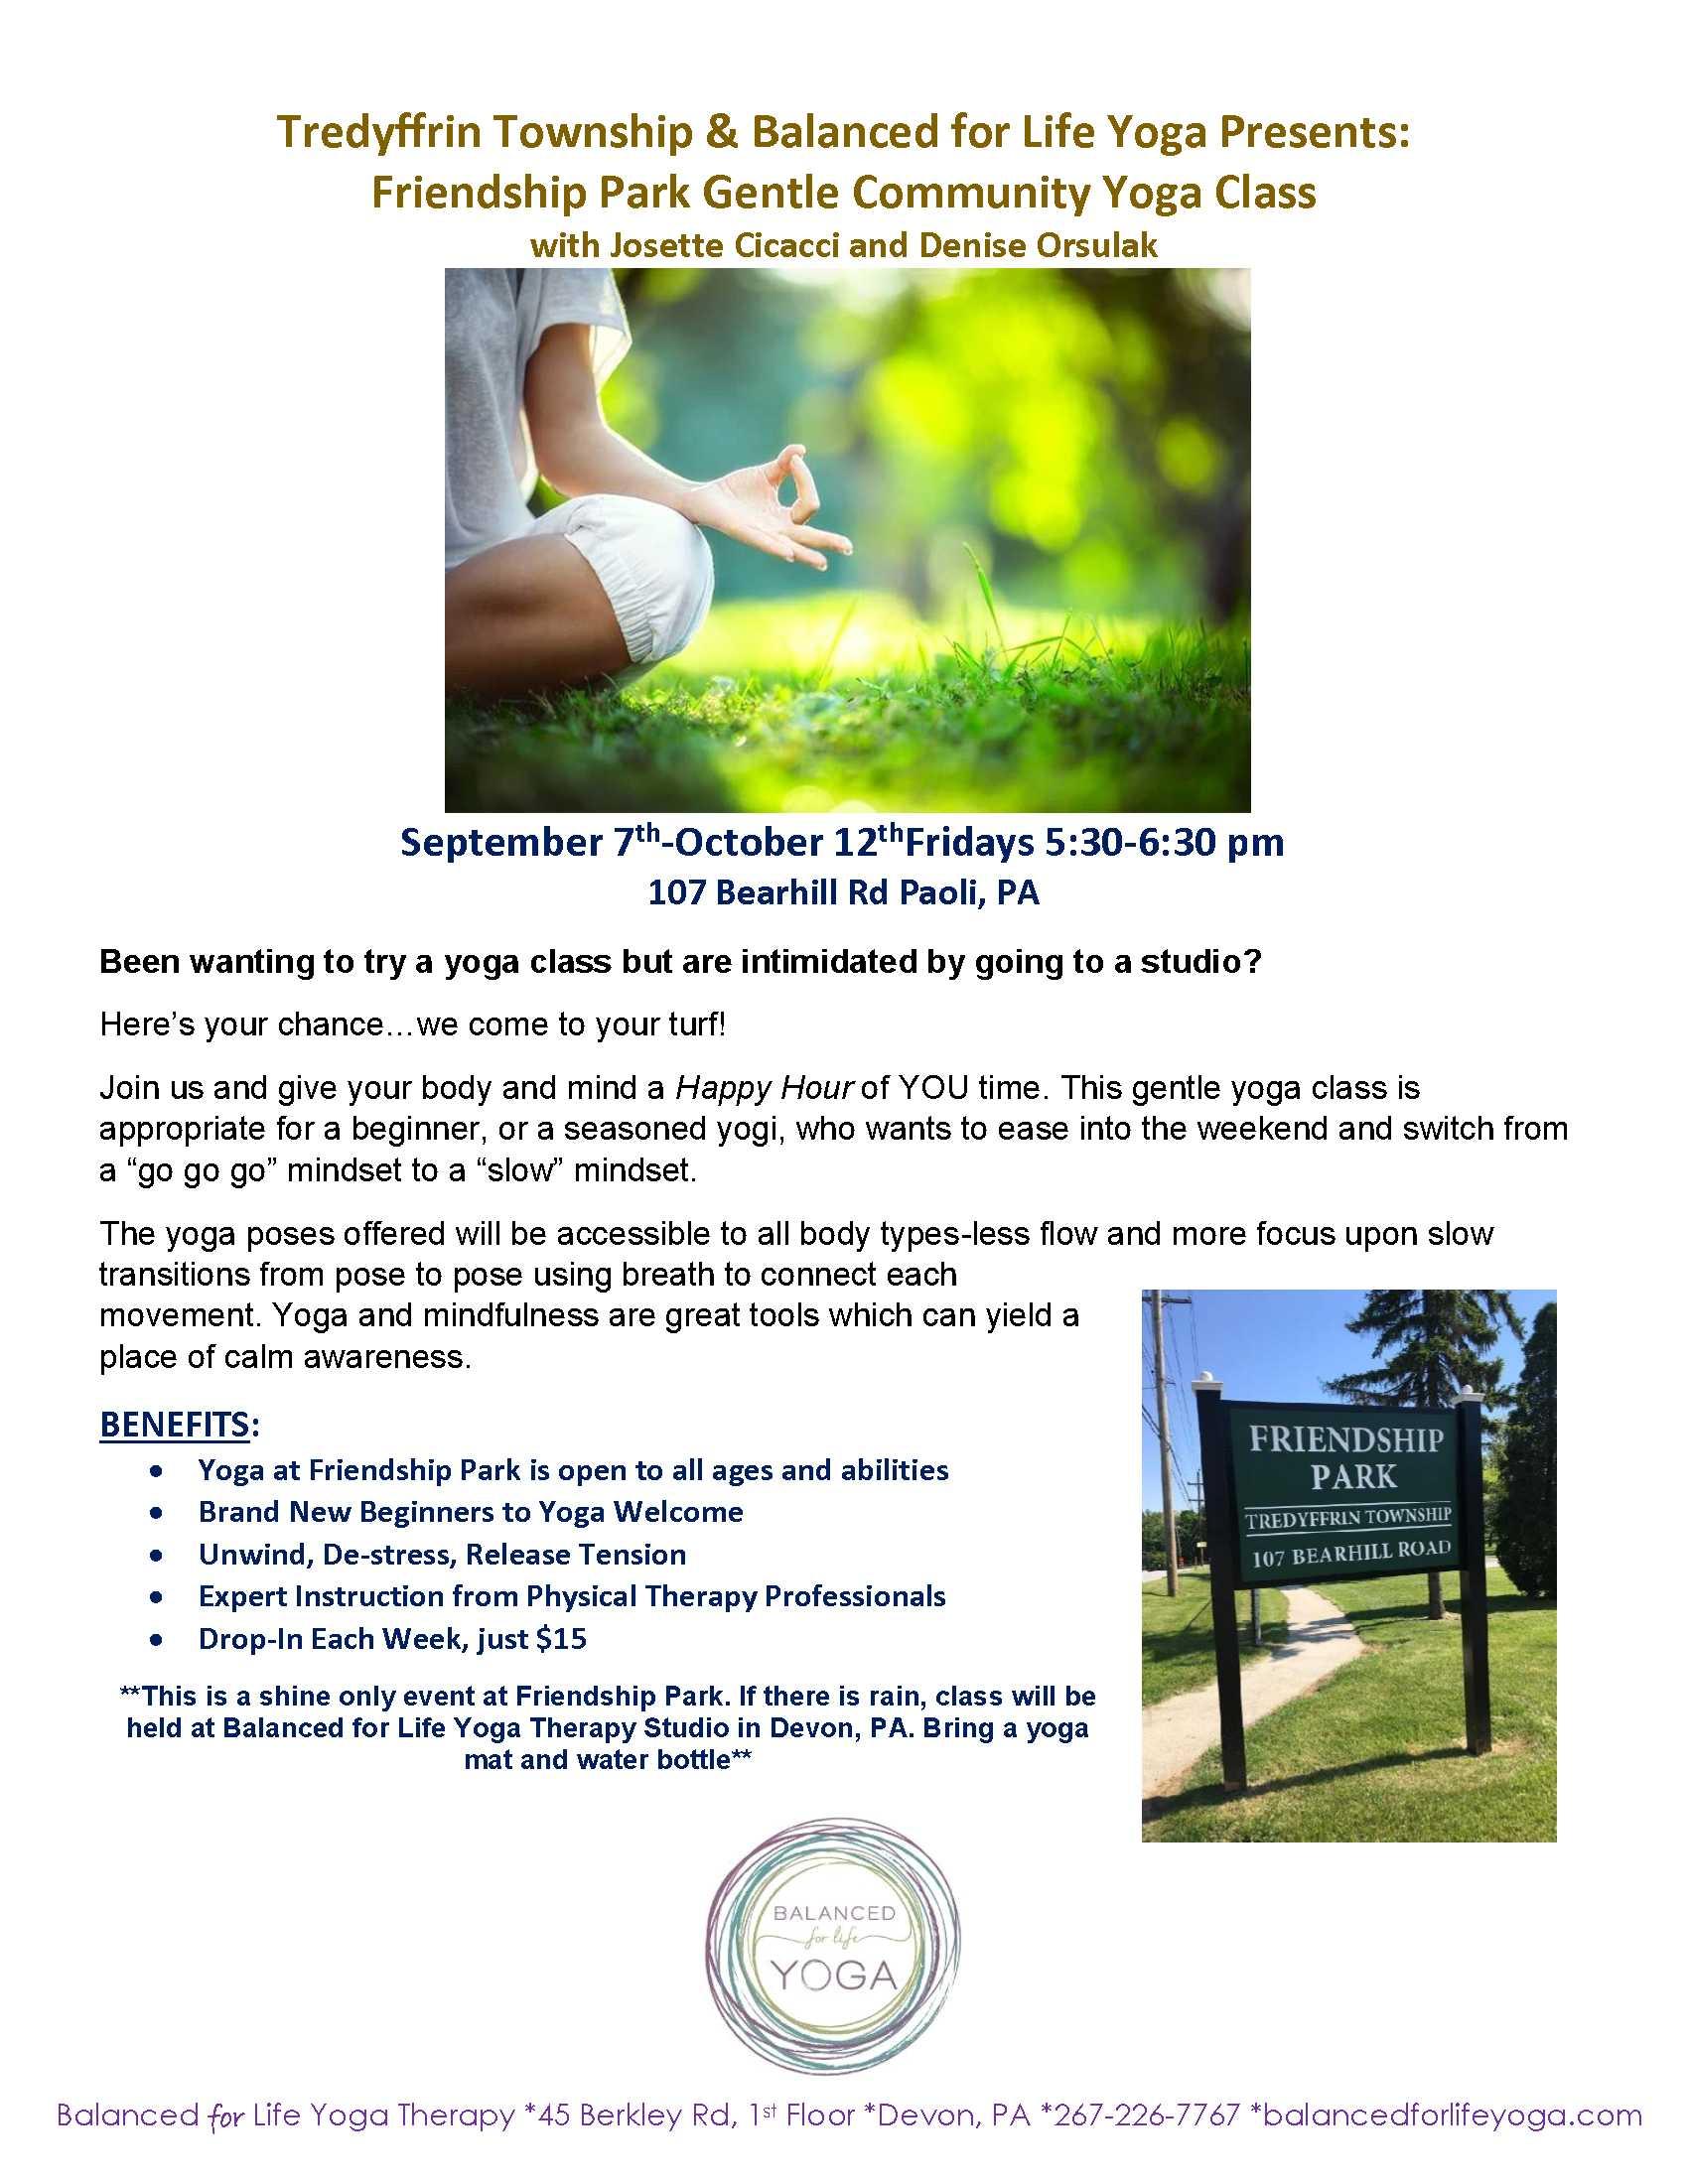 B4l Tredyffrin Township Yoga Flyer